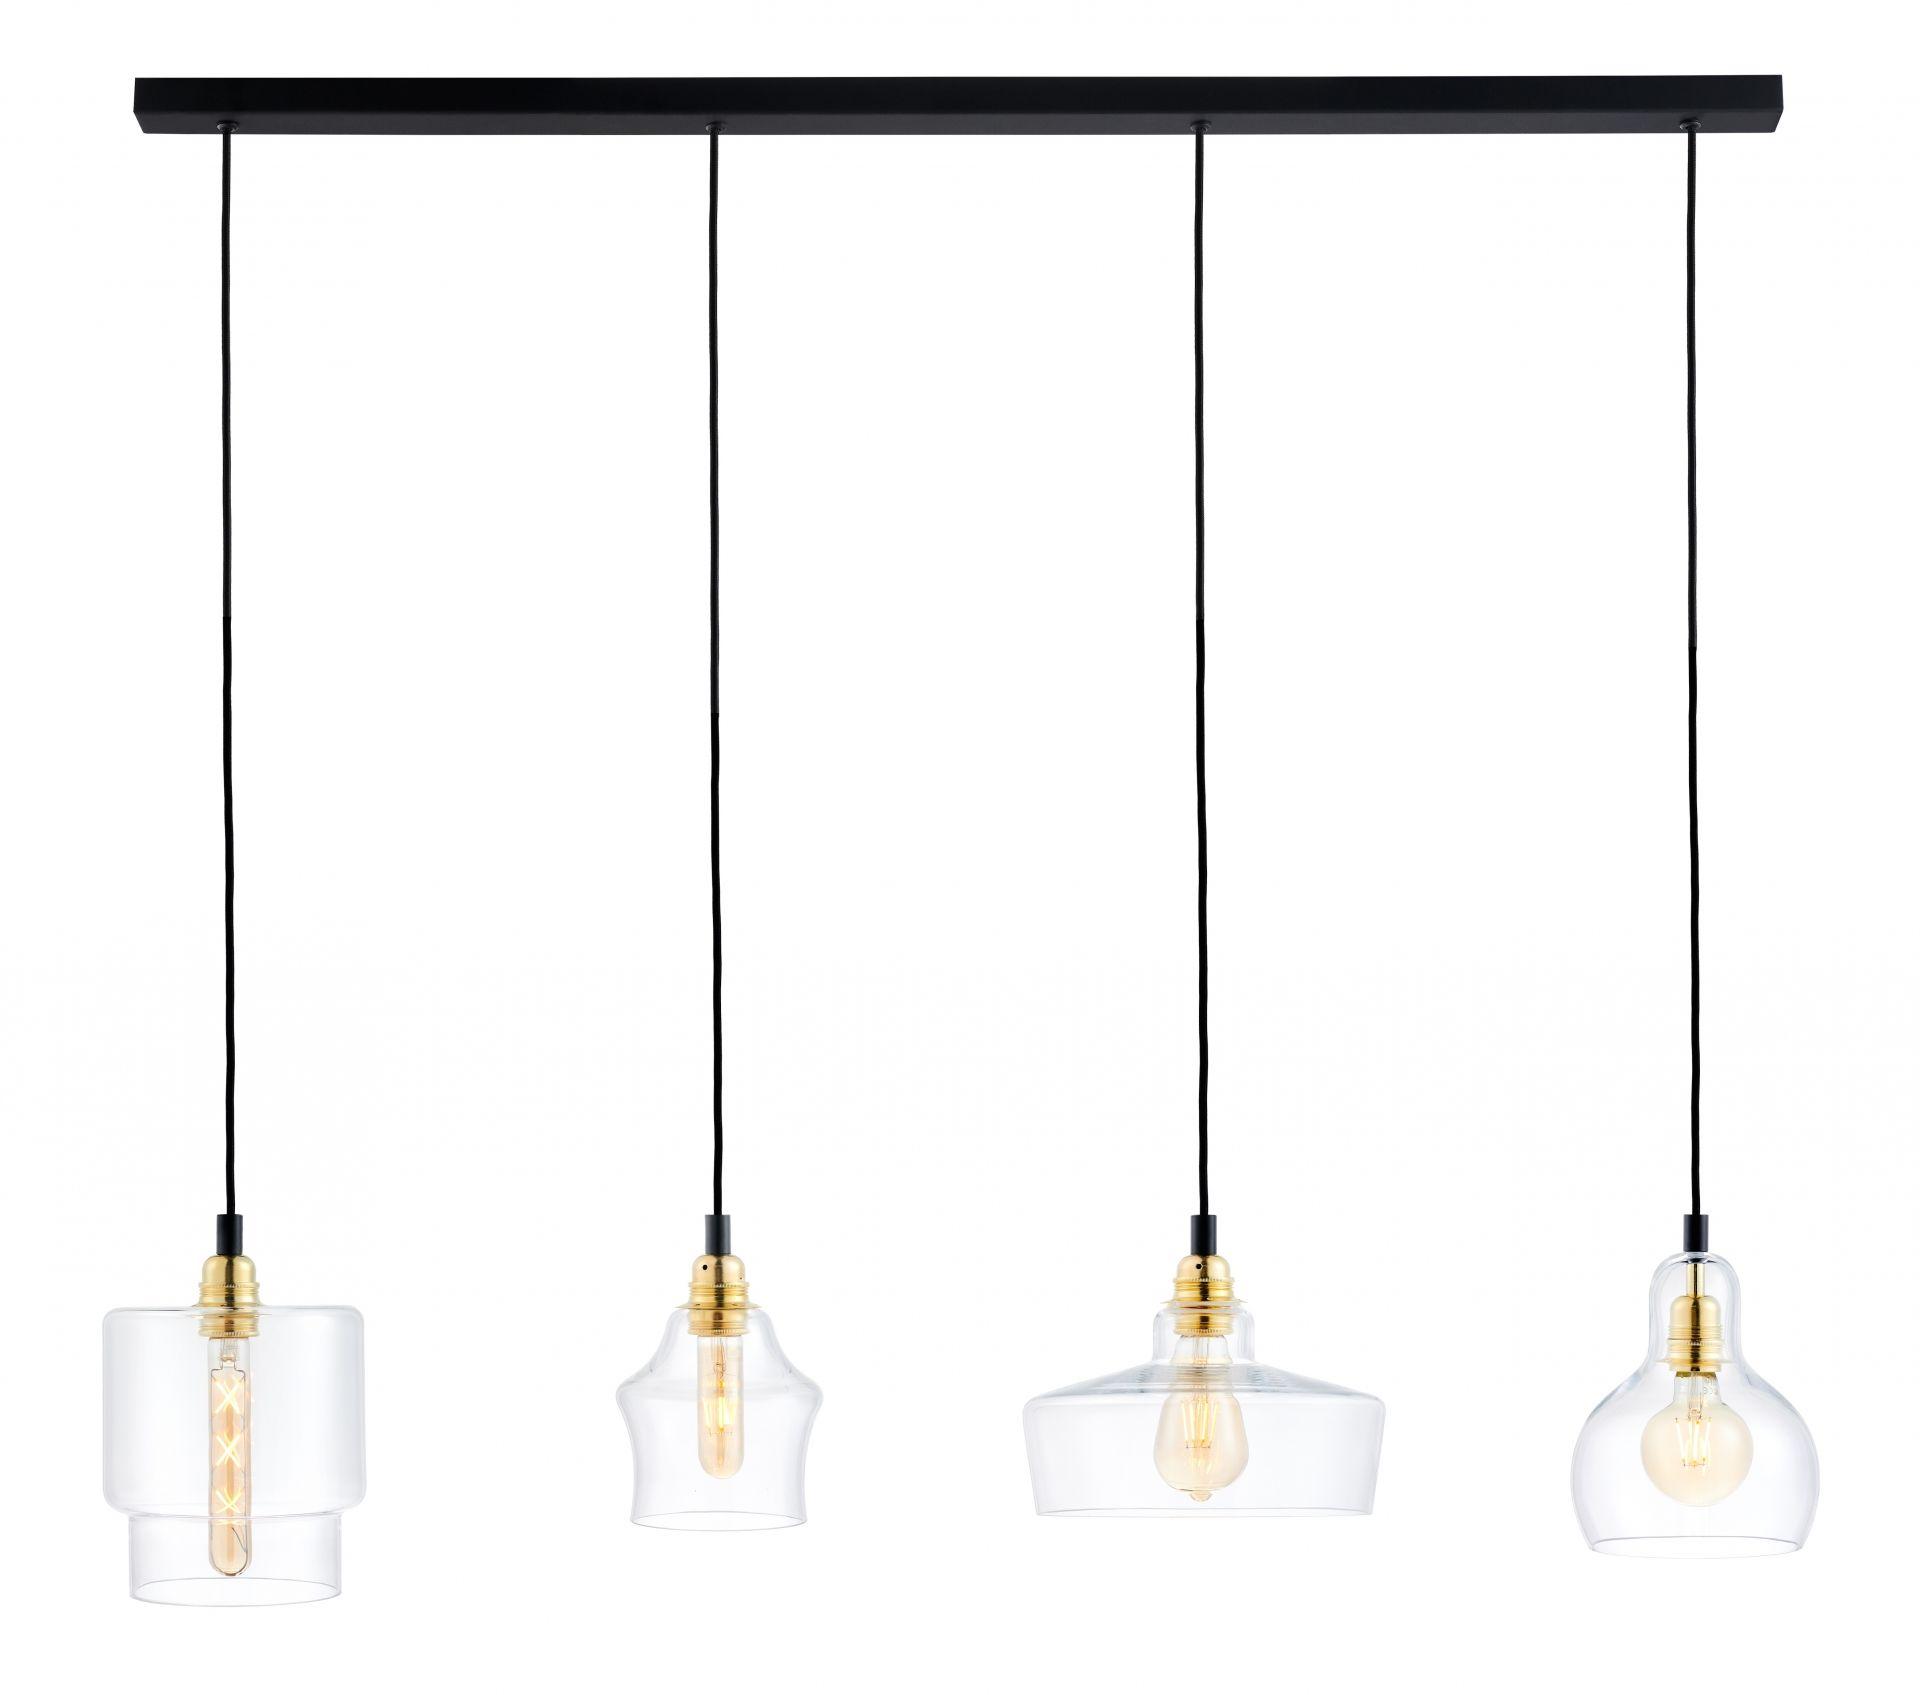 Lampa wisząca Longis 4 Gold 10876405 KASPA poczwórna listwa ze szklanymi kloszami